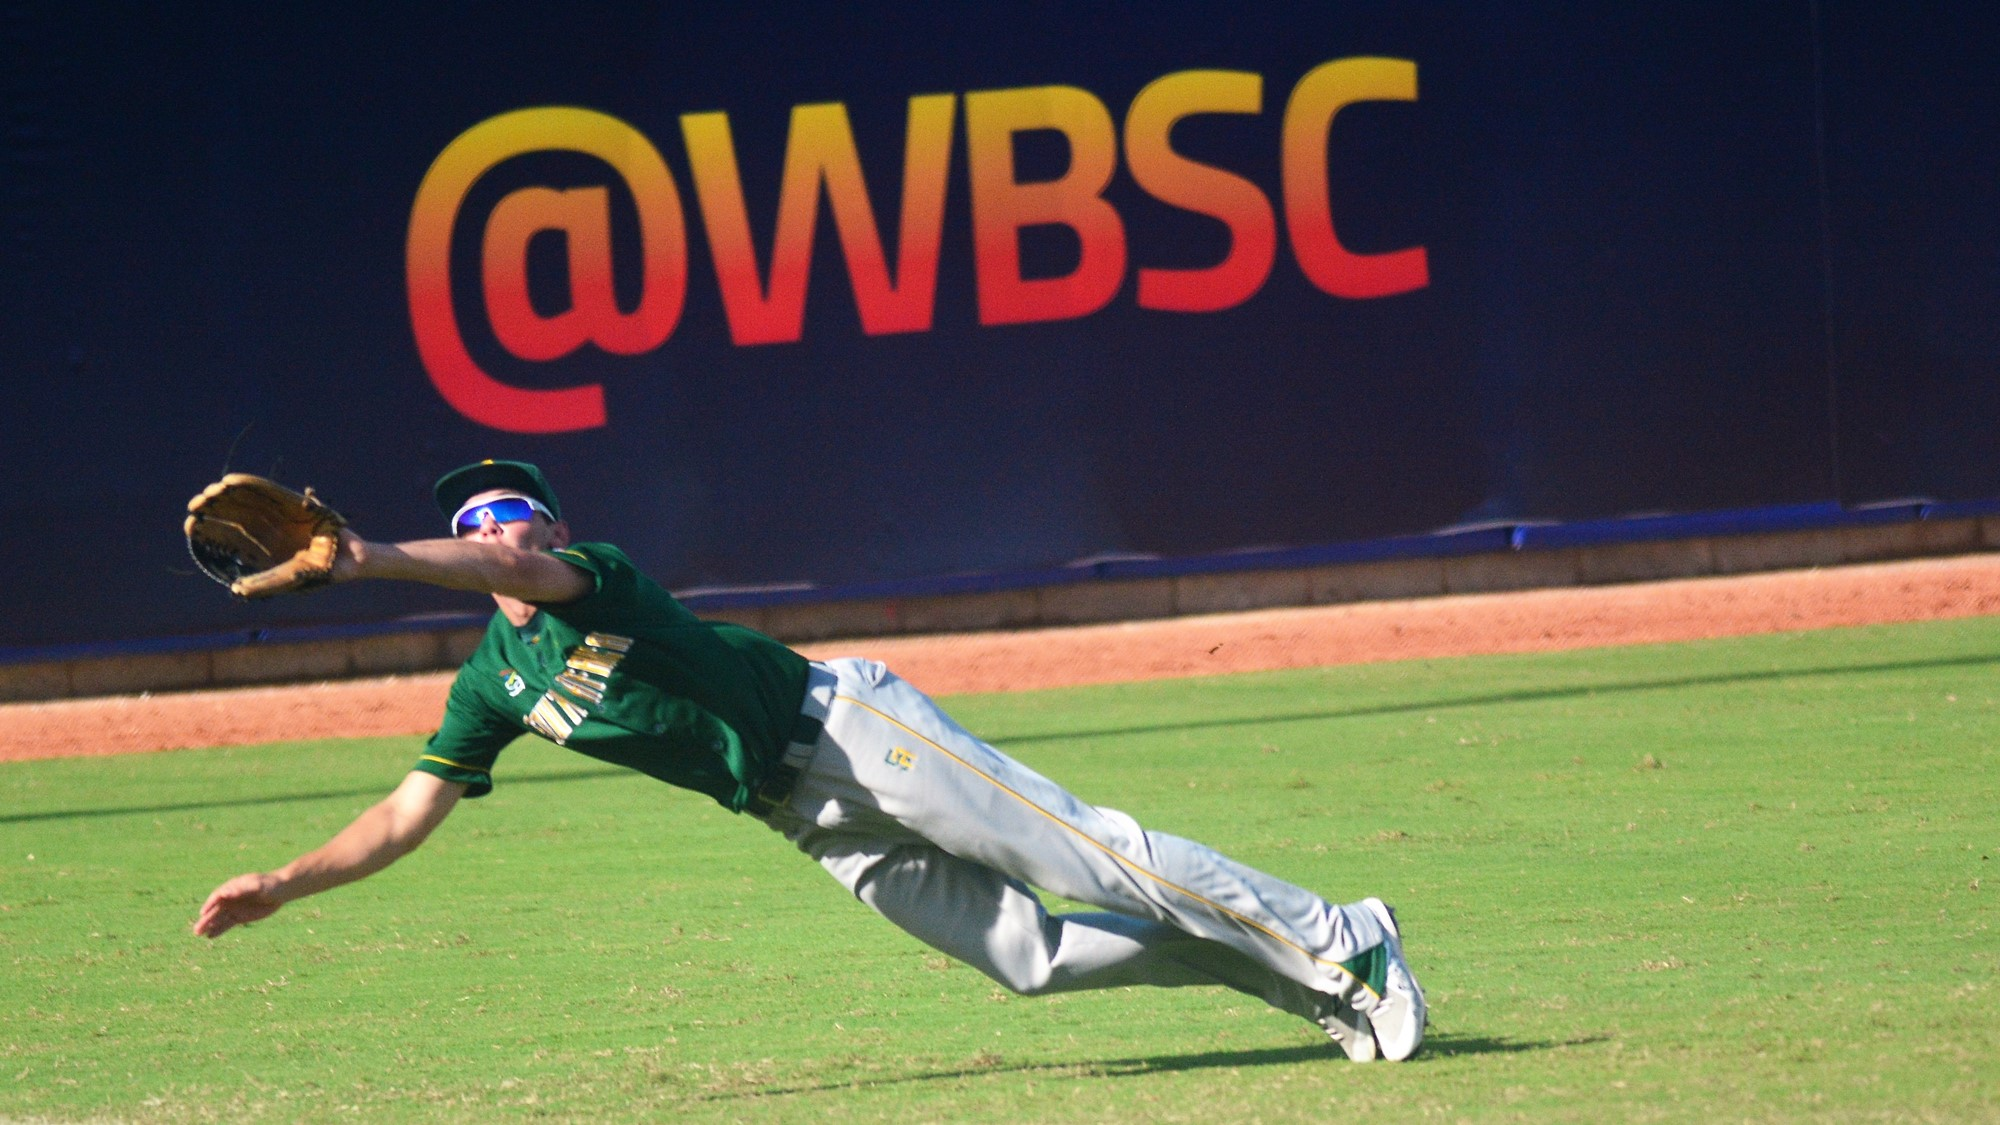 A brave attempt by South Africa left fielder Joshua Halvorsen